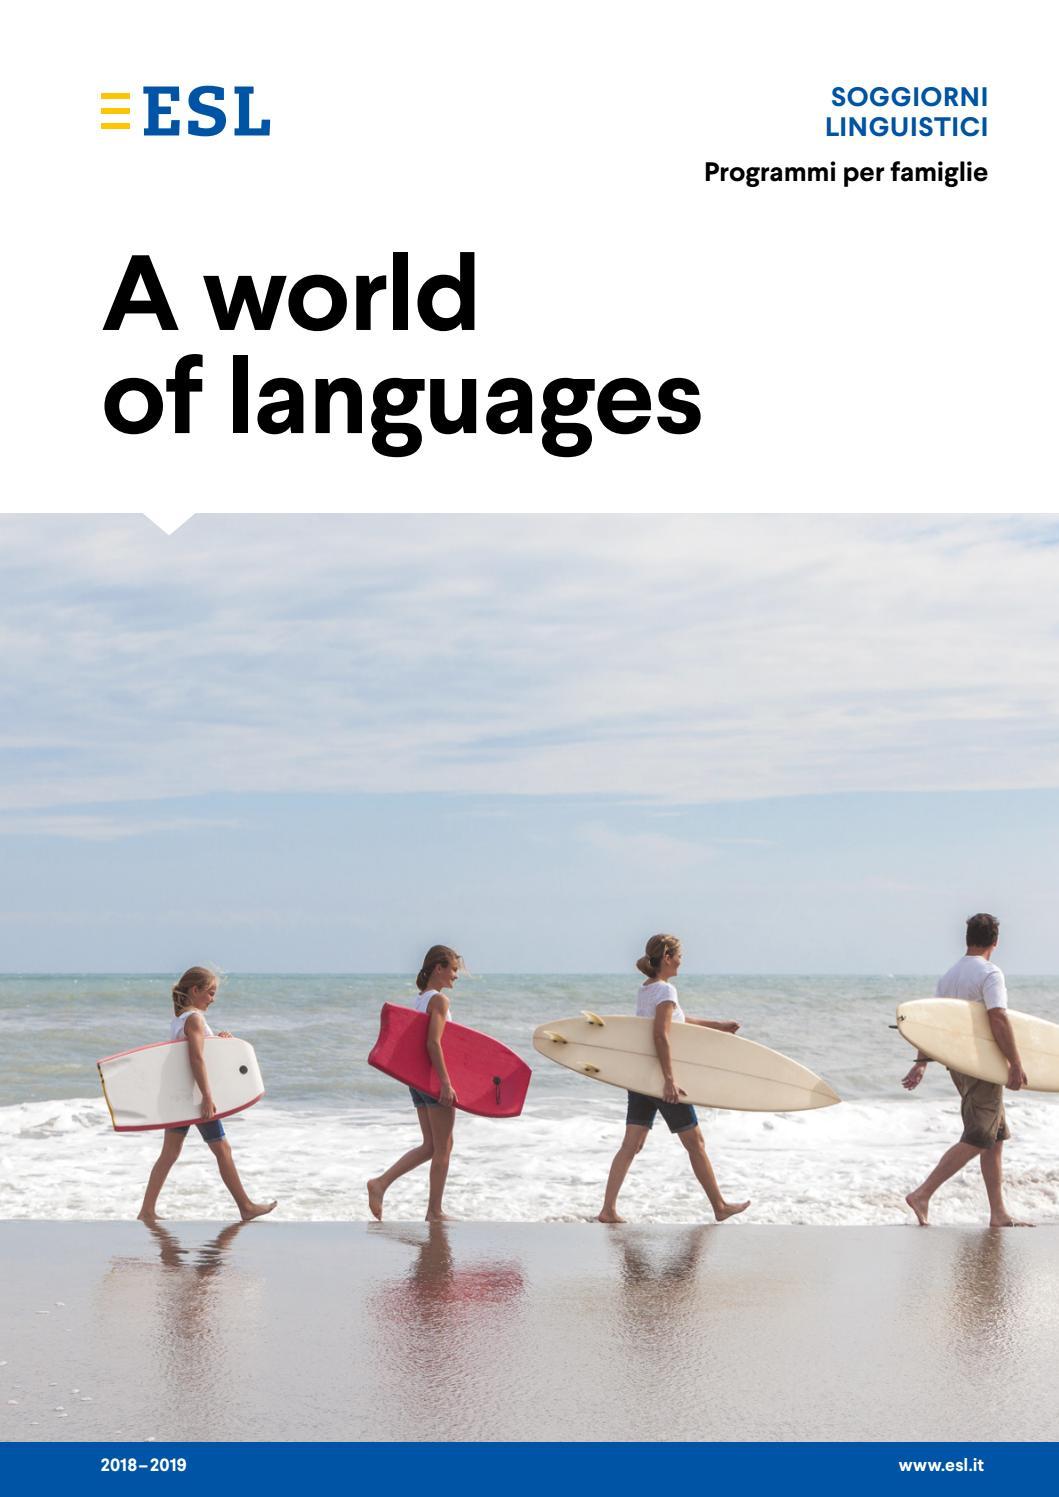 Soggiorni linguistici per tutta la famiglia by ESL ...